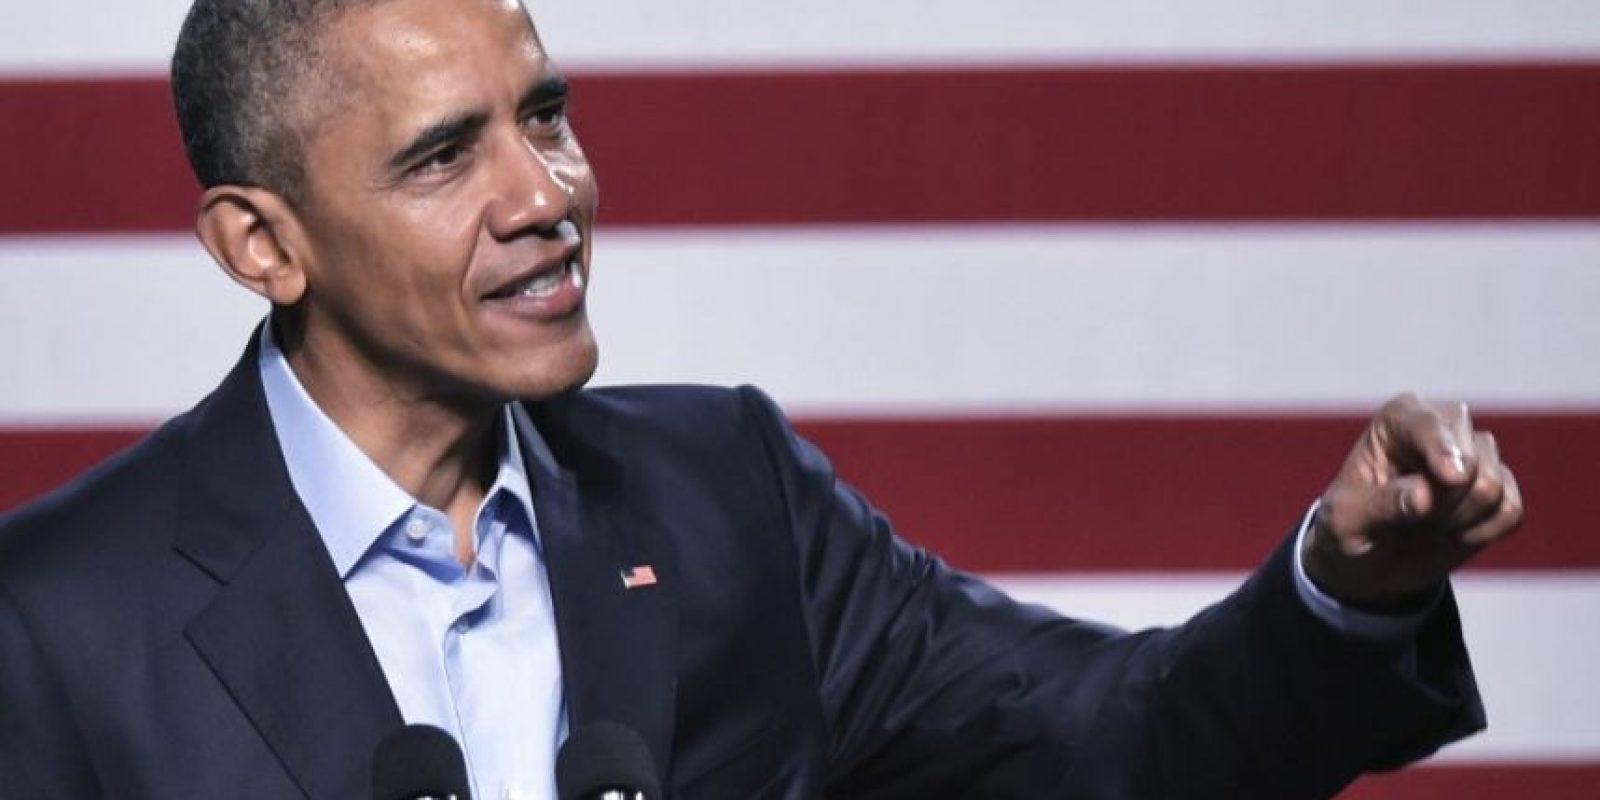 El presidente estadounidense, Barack Obama, durante un discurso. Foto:AFP